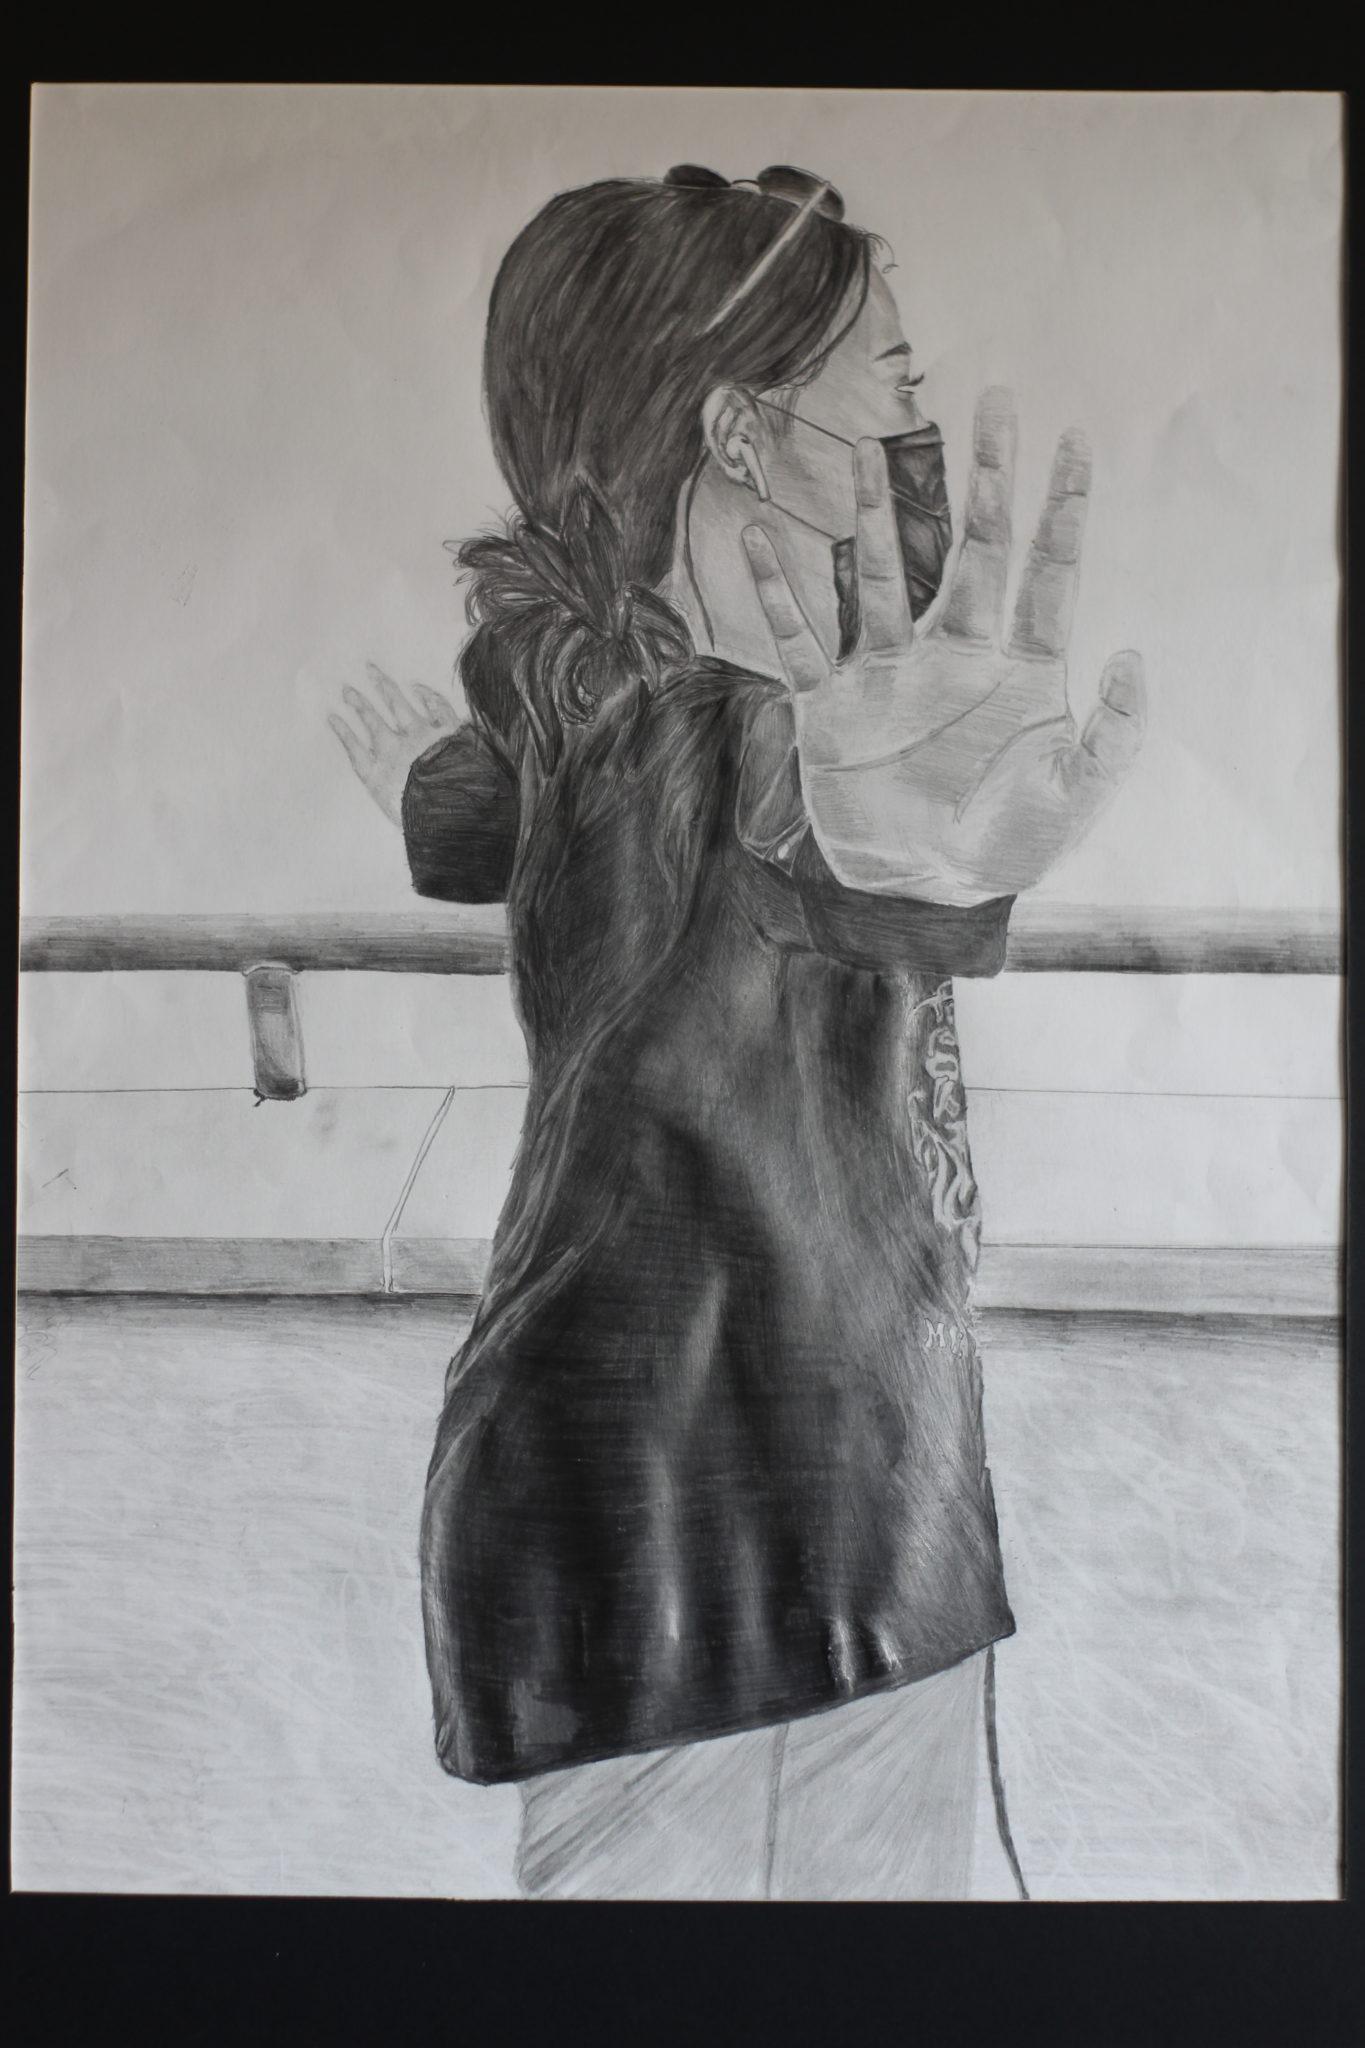 Tiana by Rebecca Harmer